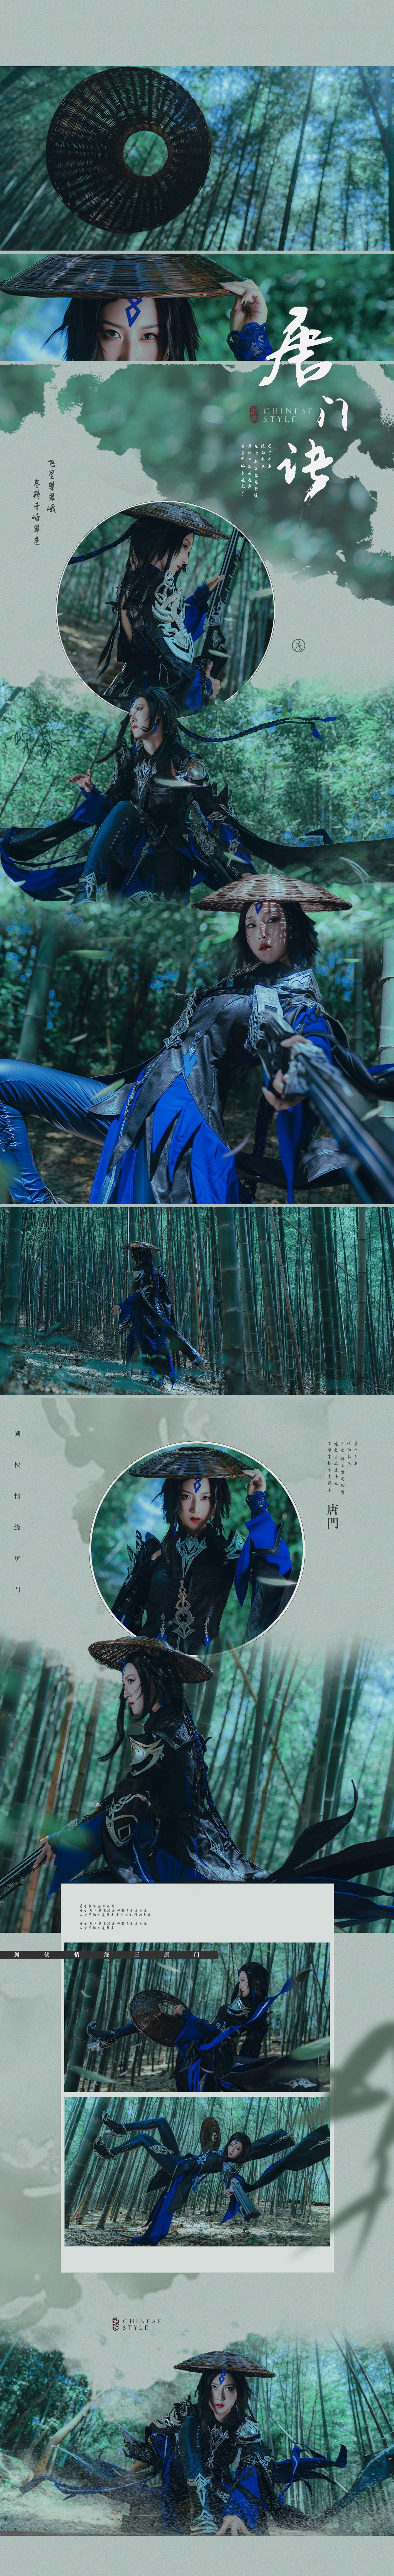 《剑侠情缘网络版叁》唐门御姐cosplay【CN:琴不归】-第2张